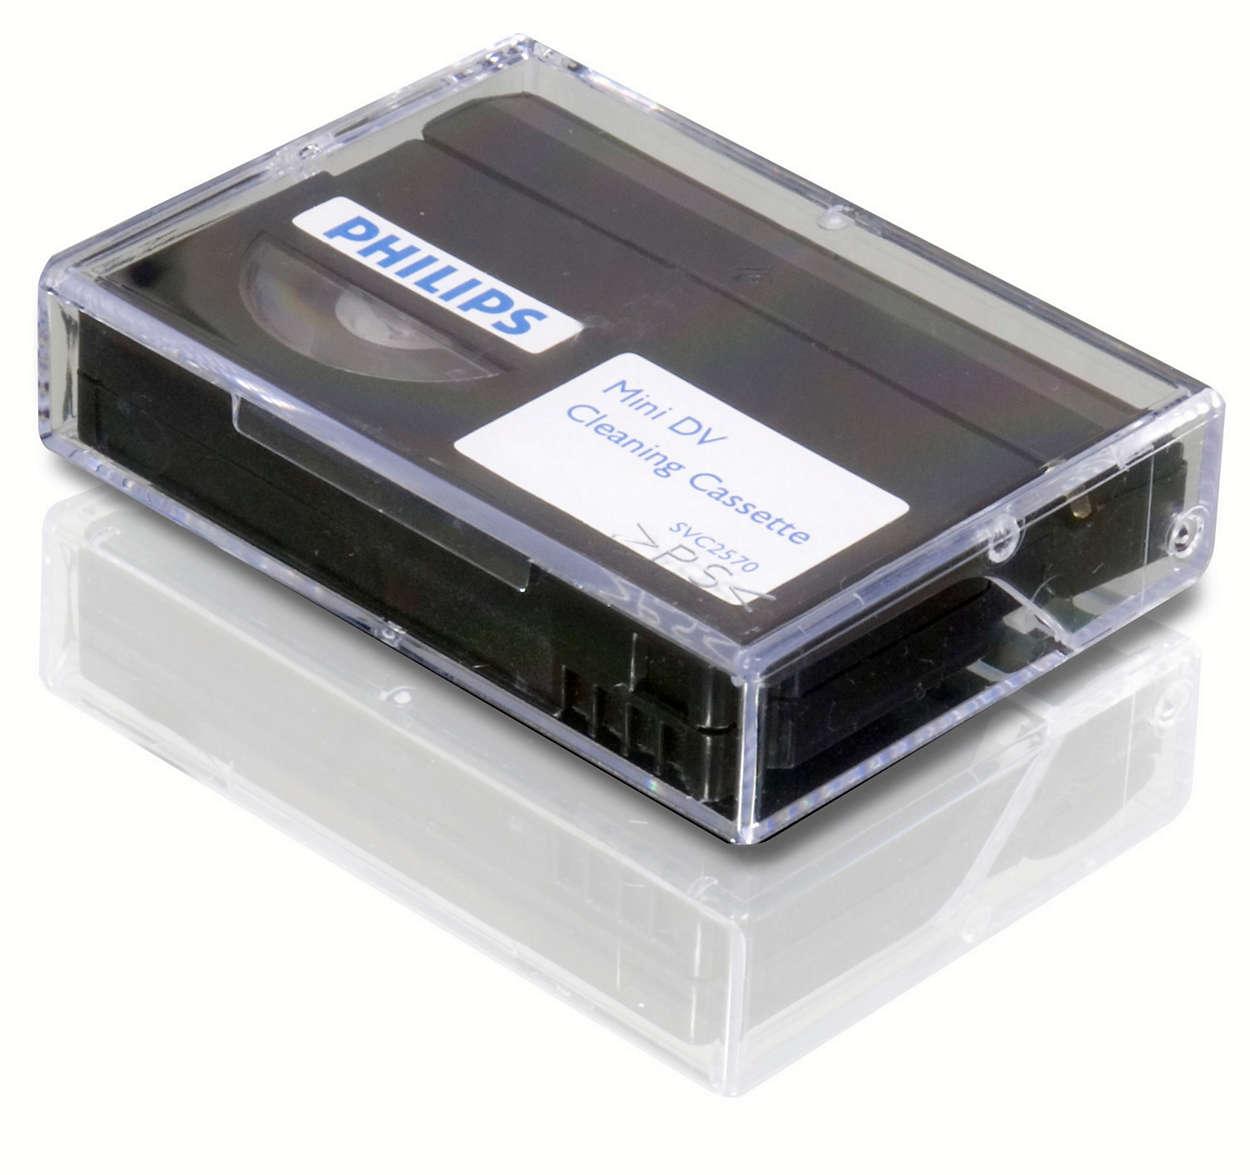 Curăţaţi-vă dispozitivul mini DV